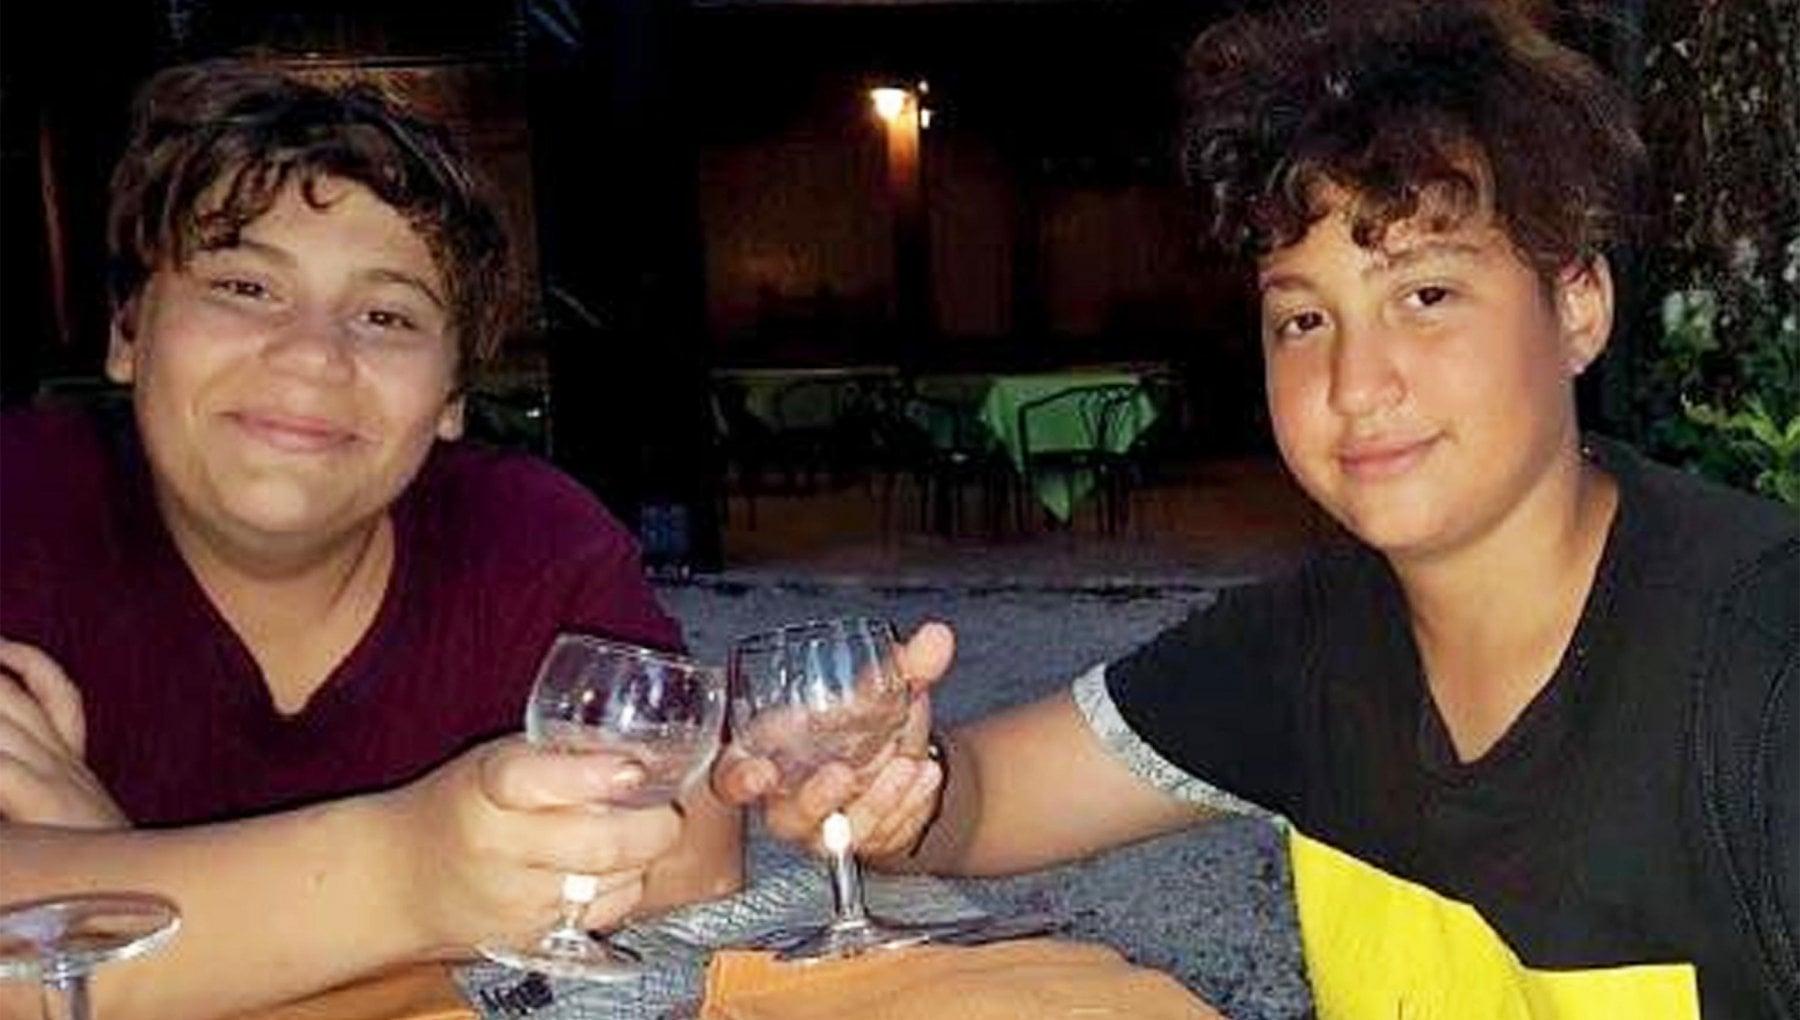 Alcol e metadone il mix mortale di Flavio e Gianluca